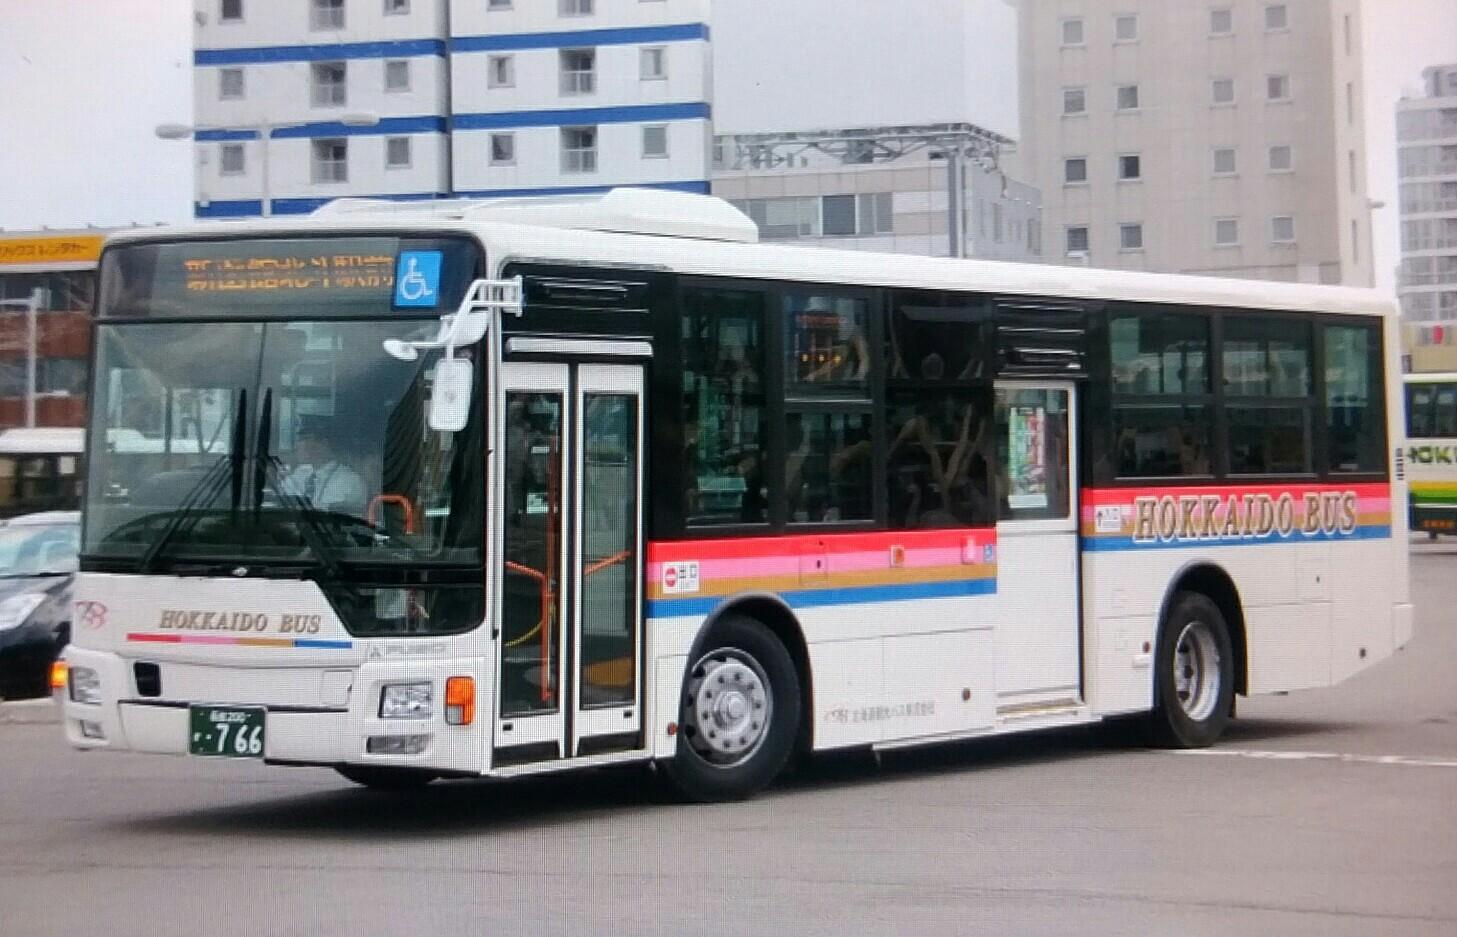 北海道観光バスQKG-MP38FK : バスフォトコレクション